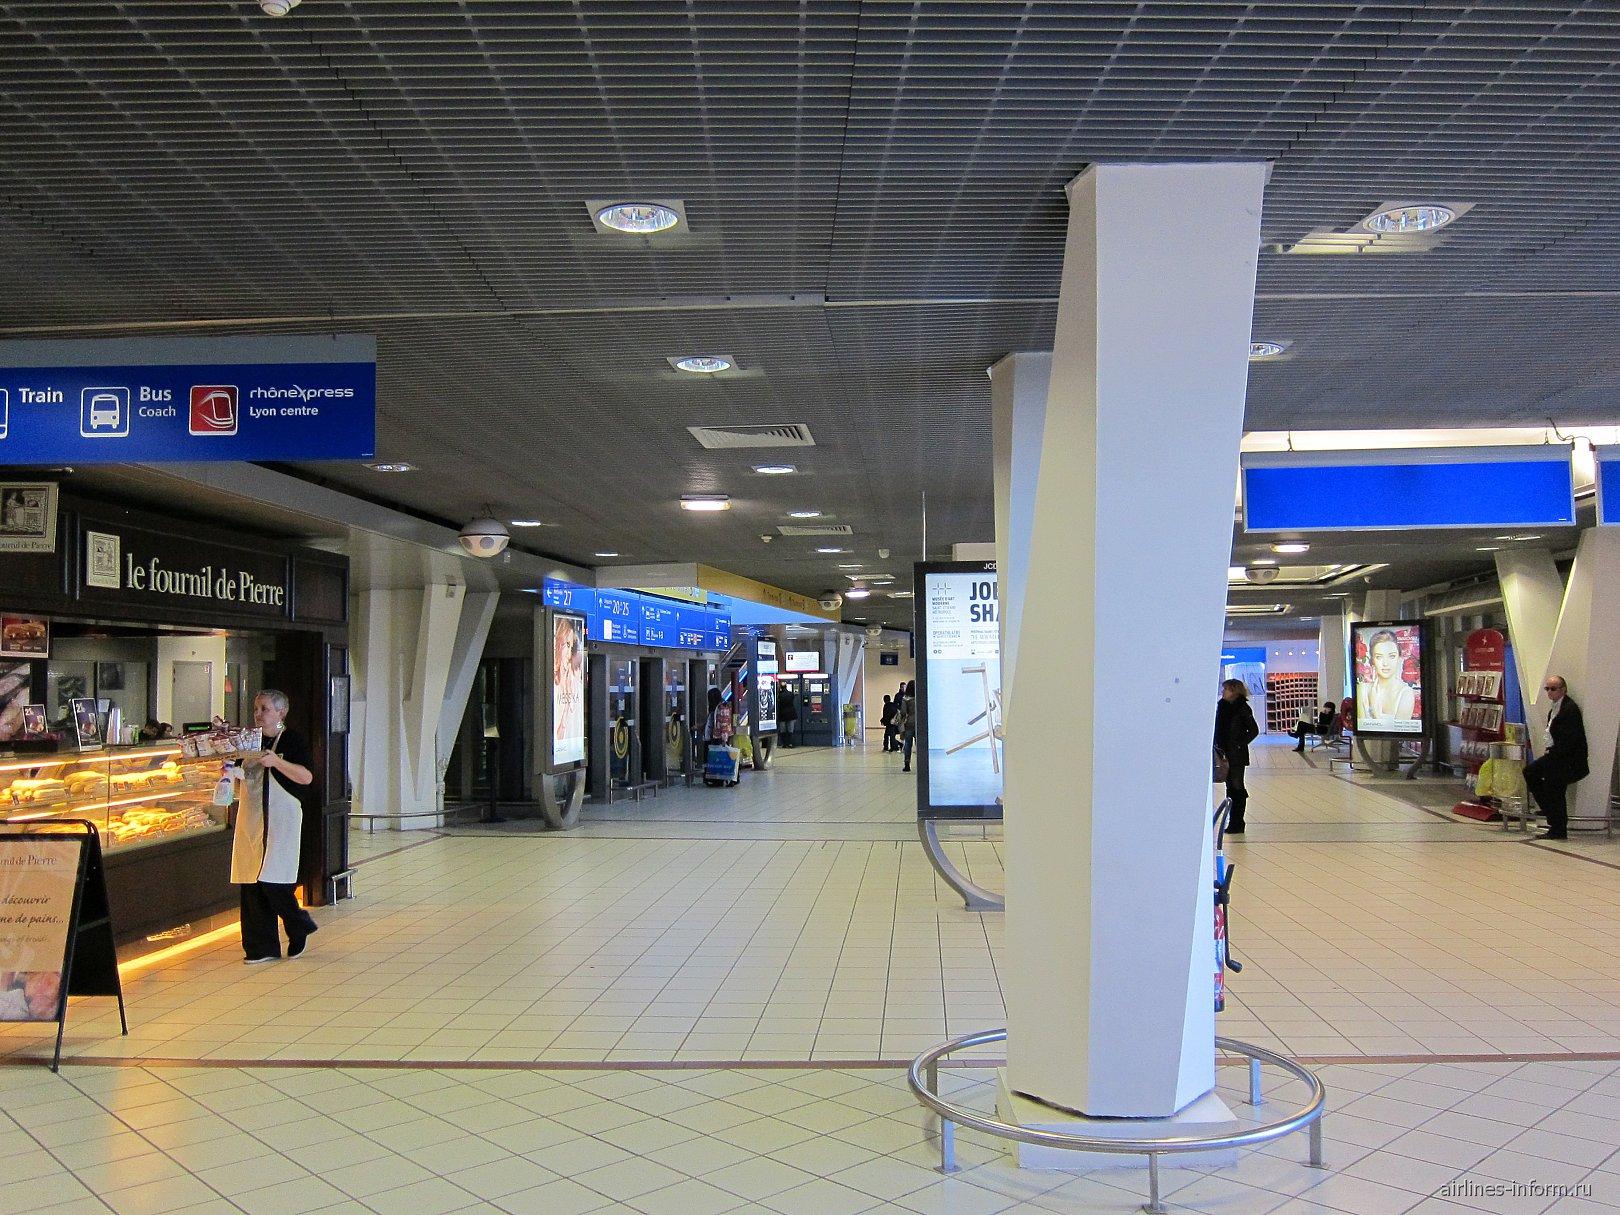 В зоне прилета терминала 2 аэропорта Лион Сент-Экзюпери